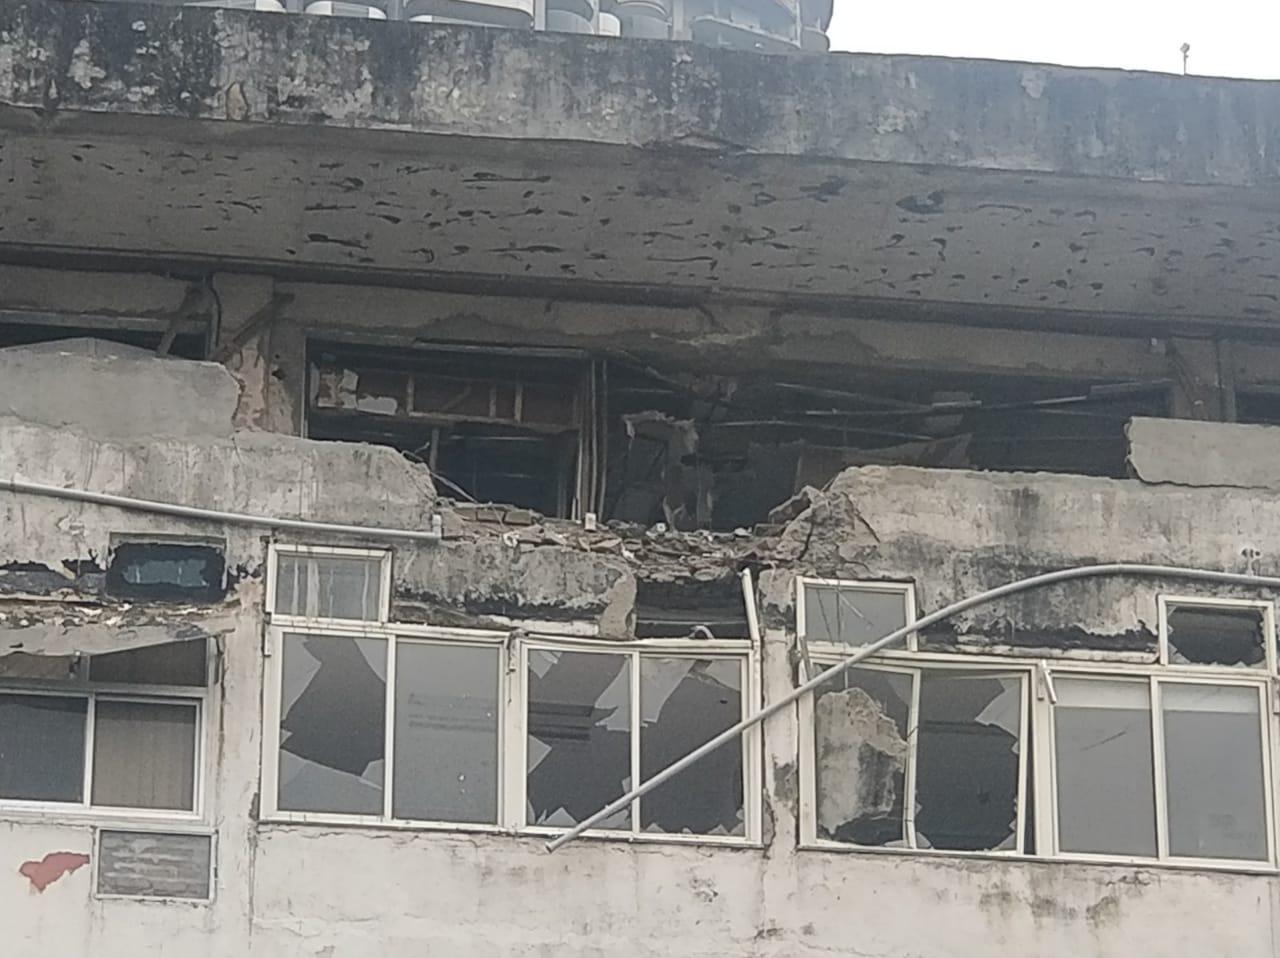 मुंबईत जुन्या पासपोर्ट ऑफिसच्या इमारतीत स्फोट